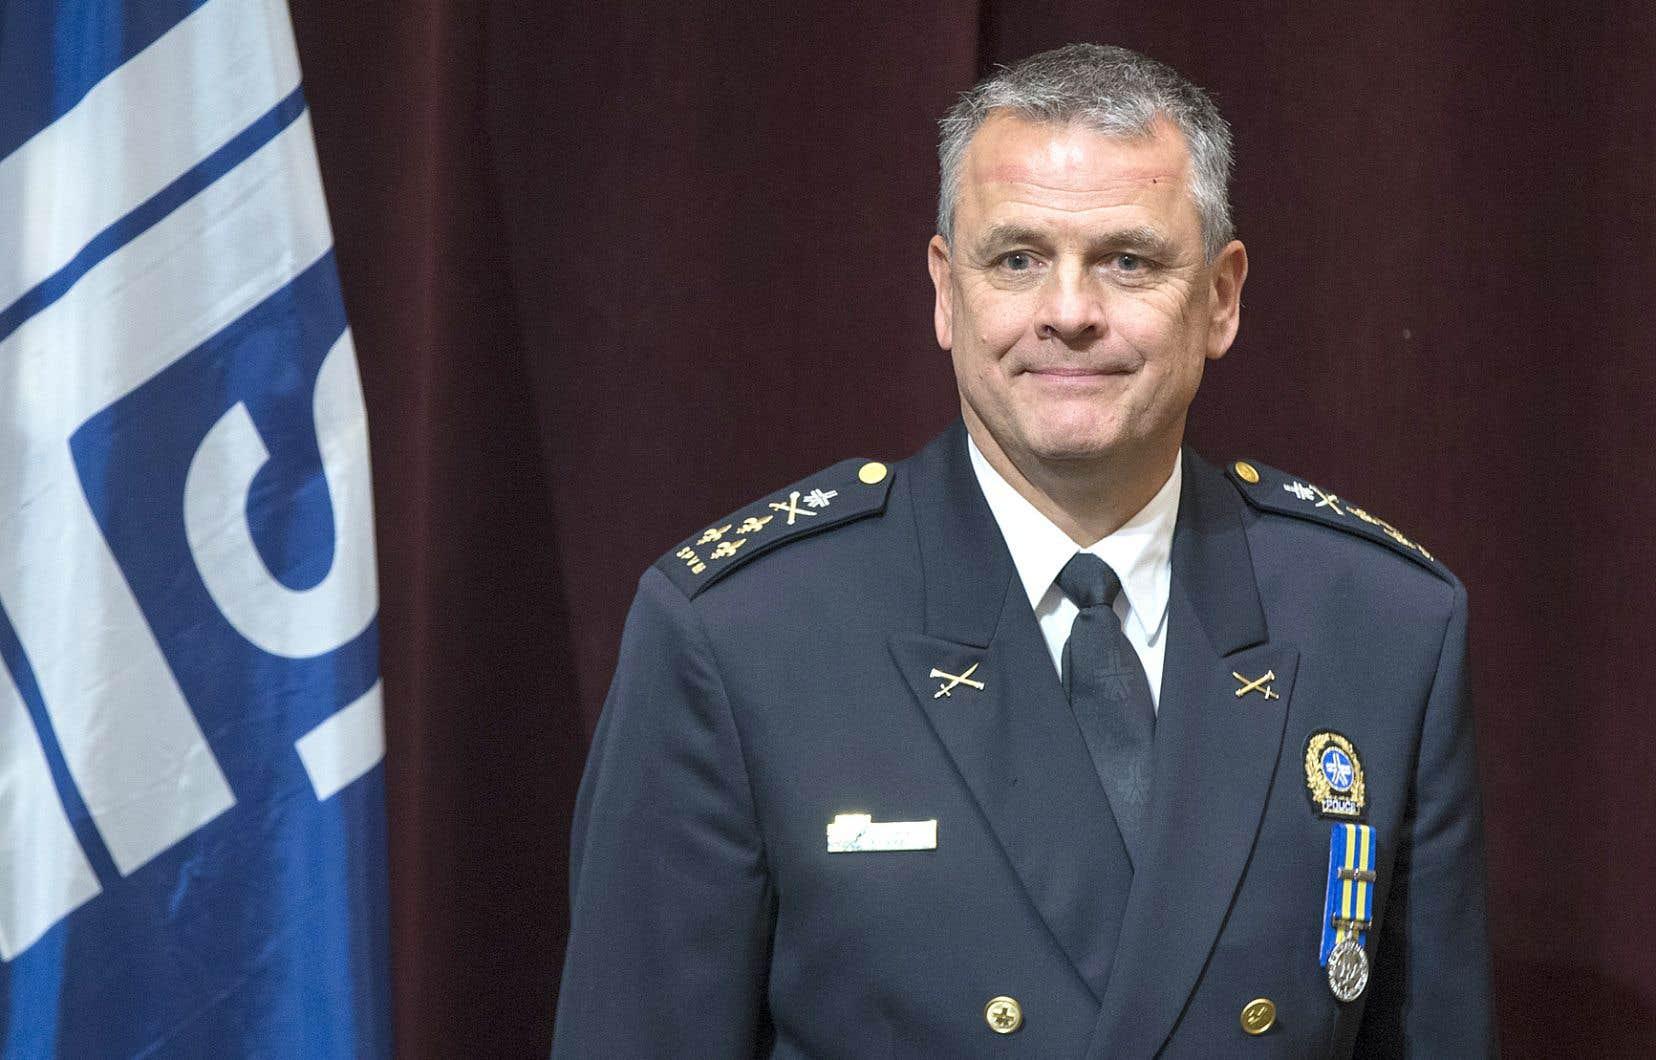 Le nouveau directeur du SPVM, Sylvain Caron, ne croit pas que le dénouement dans le dossier de Gilbert Rozon découragera les victimes de porter plainte. Les conclusions ont été différentes dans d'autres causes, signale-t-il.